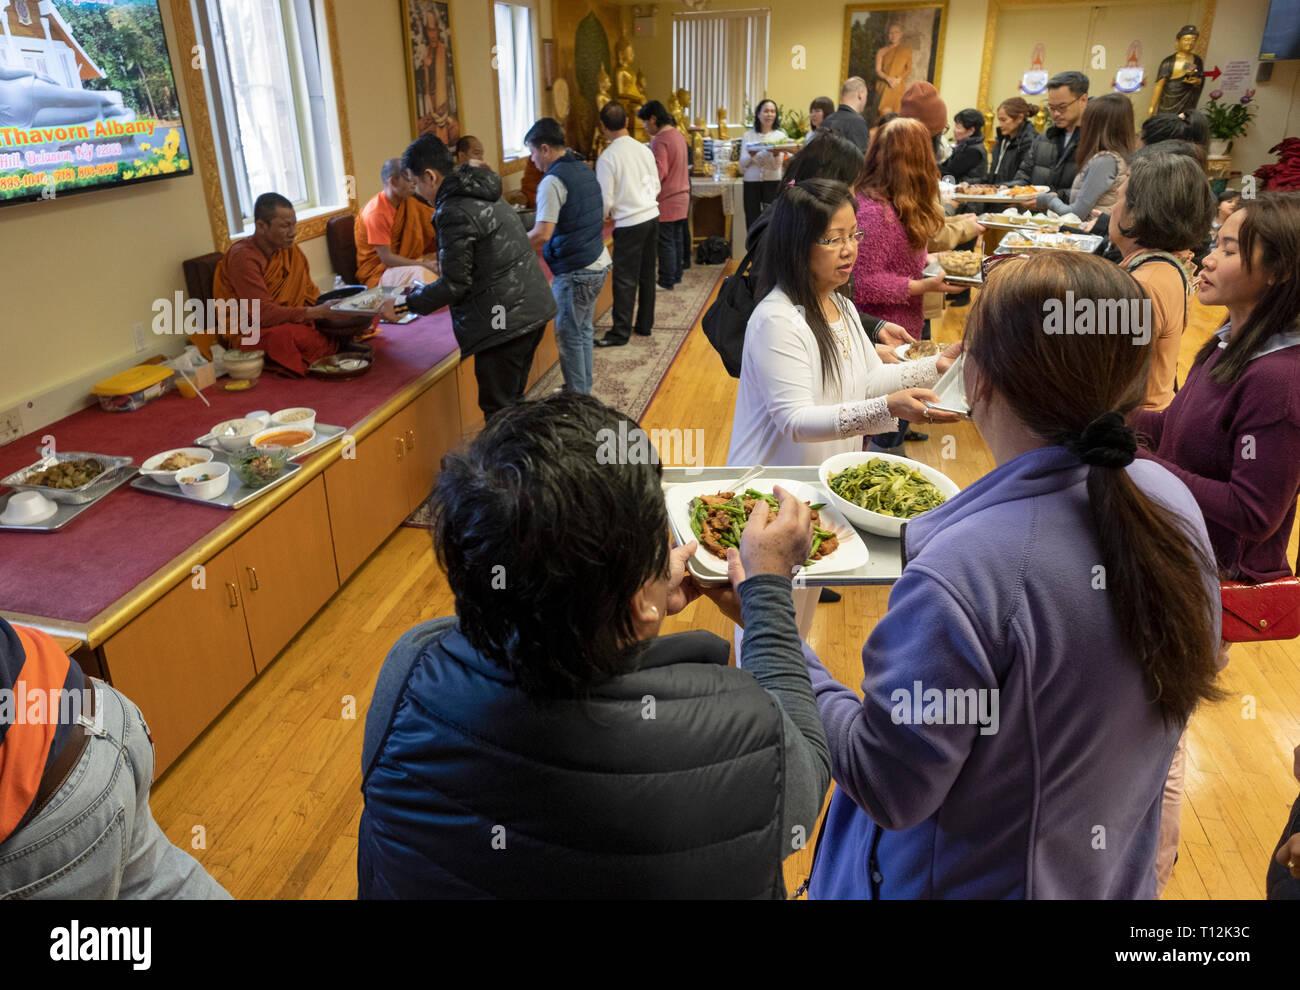 Fidèles à un temple bouddhiste forment une ligne d'assemblage pour servir la nourriture spécialement préparée à ses moines. Dans Elmhurst, Queens, New York. Photo Stock